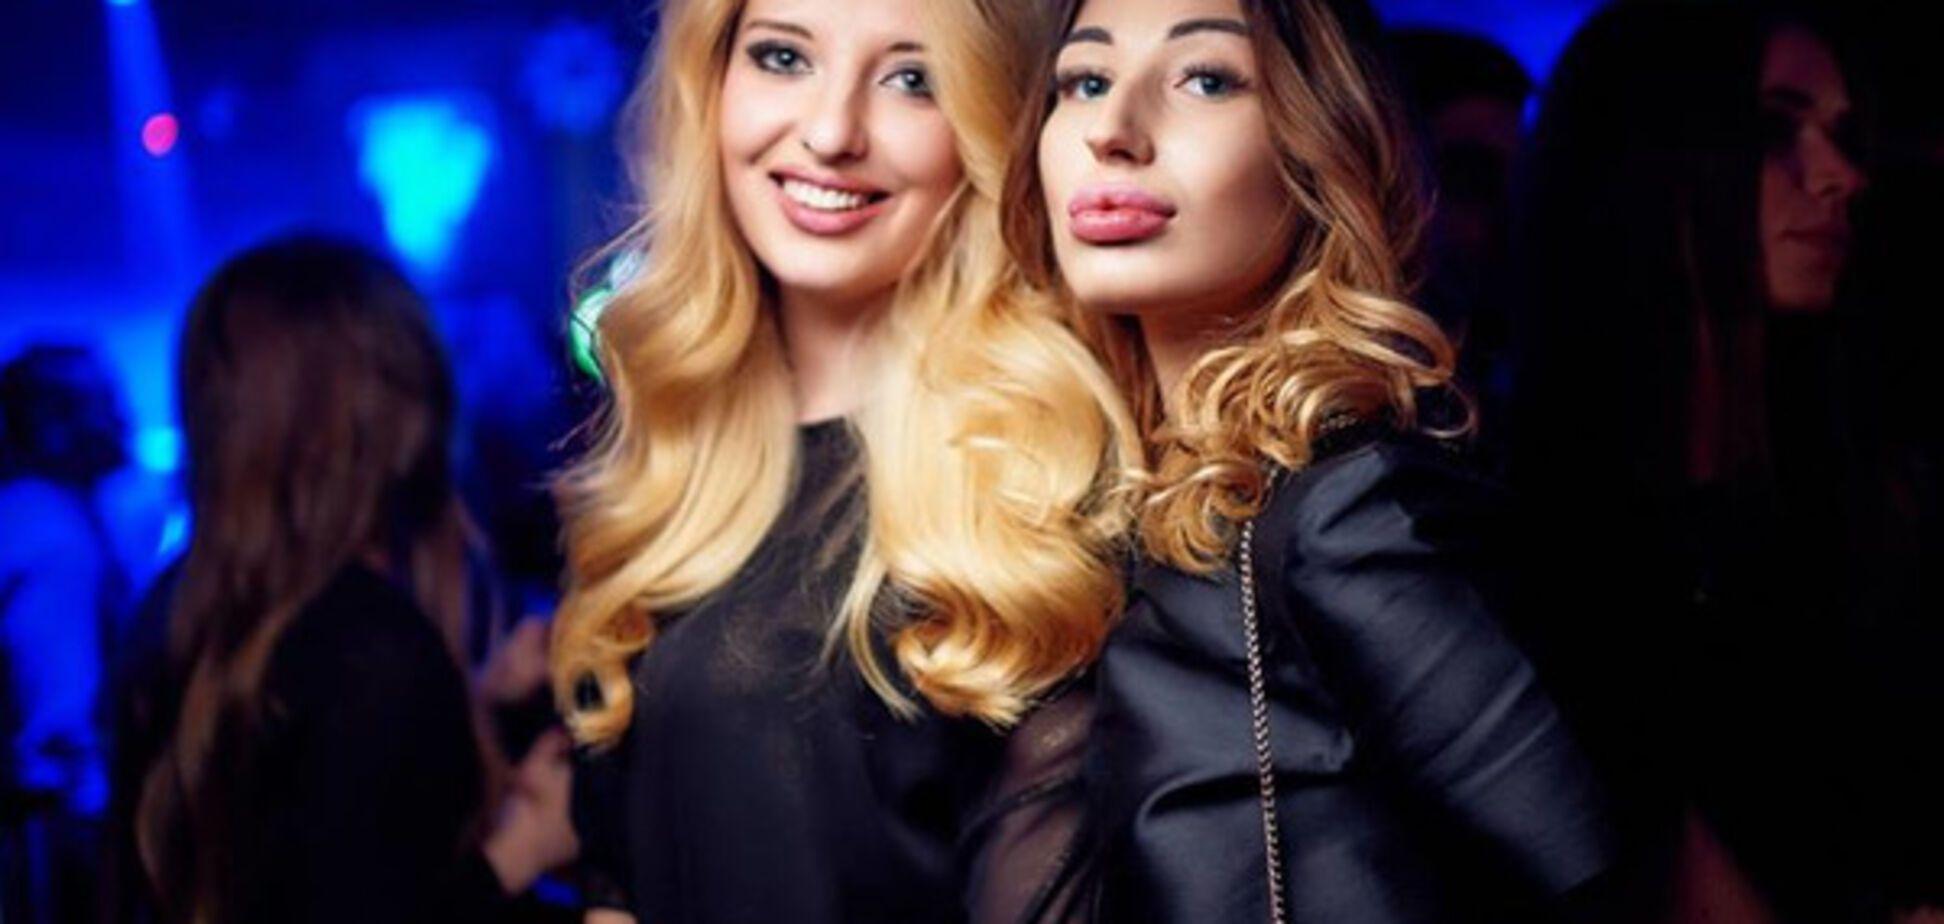 'Не рот, а портал у пекло': в мережі підняли на сміх 'гламурних красунь' України